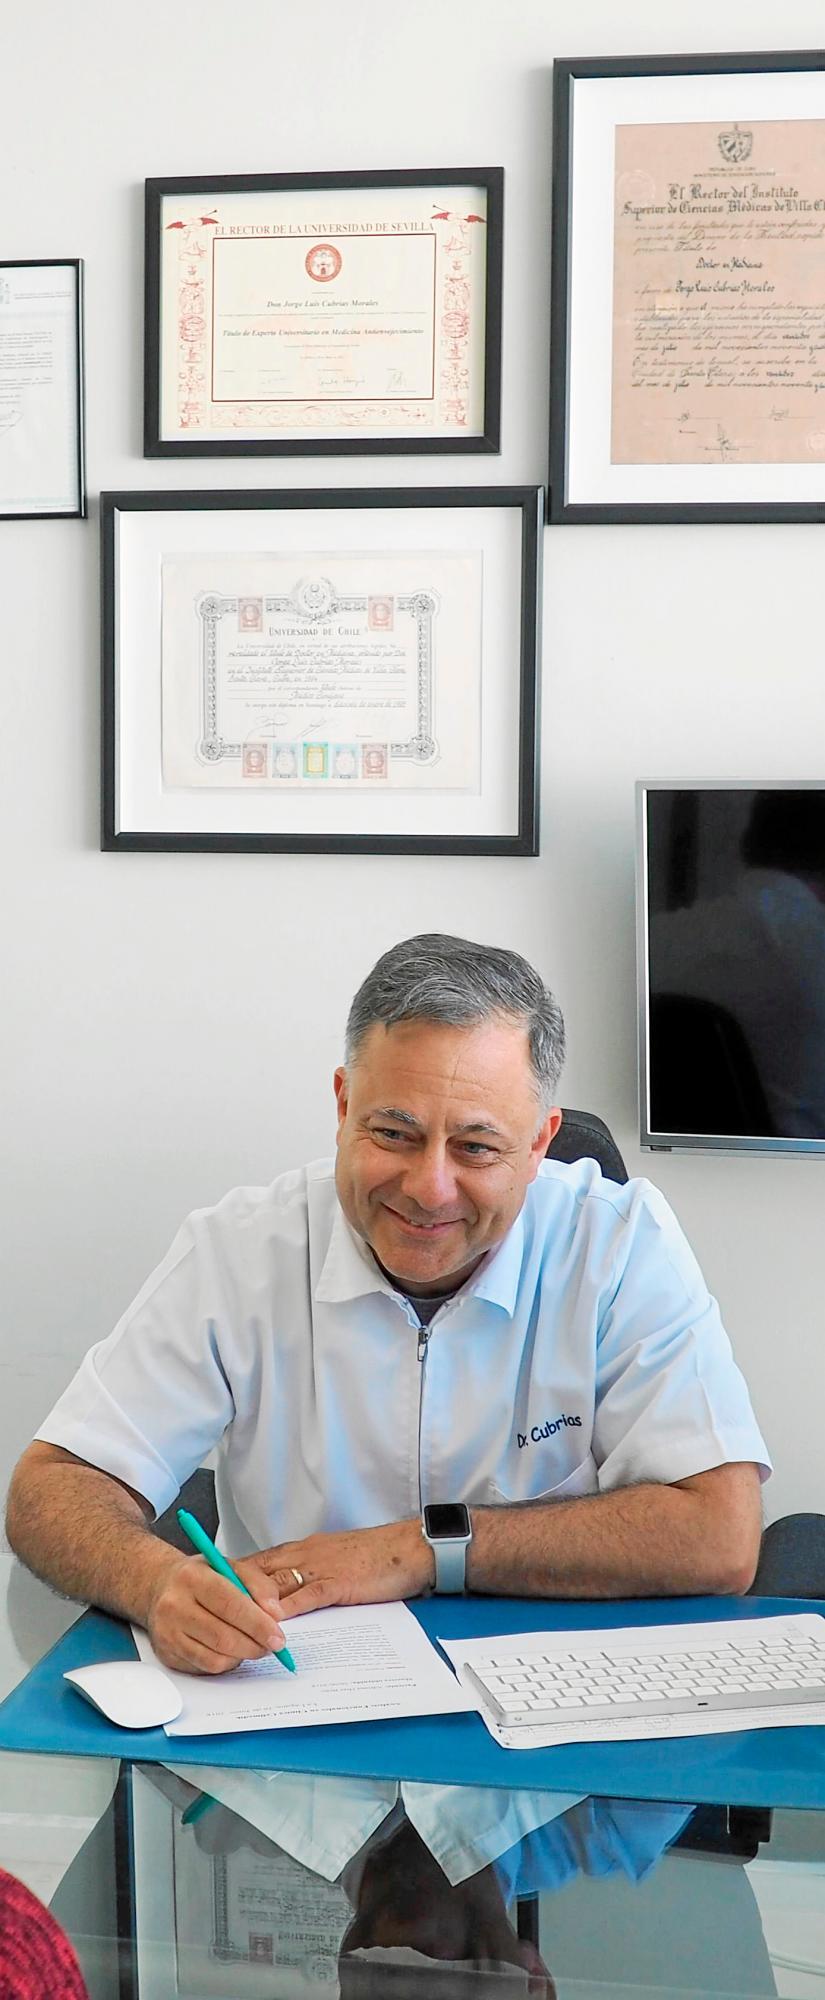 El doctor Cubrías, un prestigioso médico cubano formado en medicina Clínica